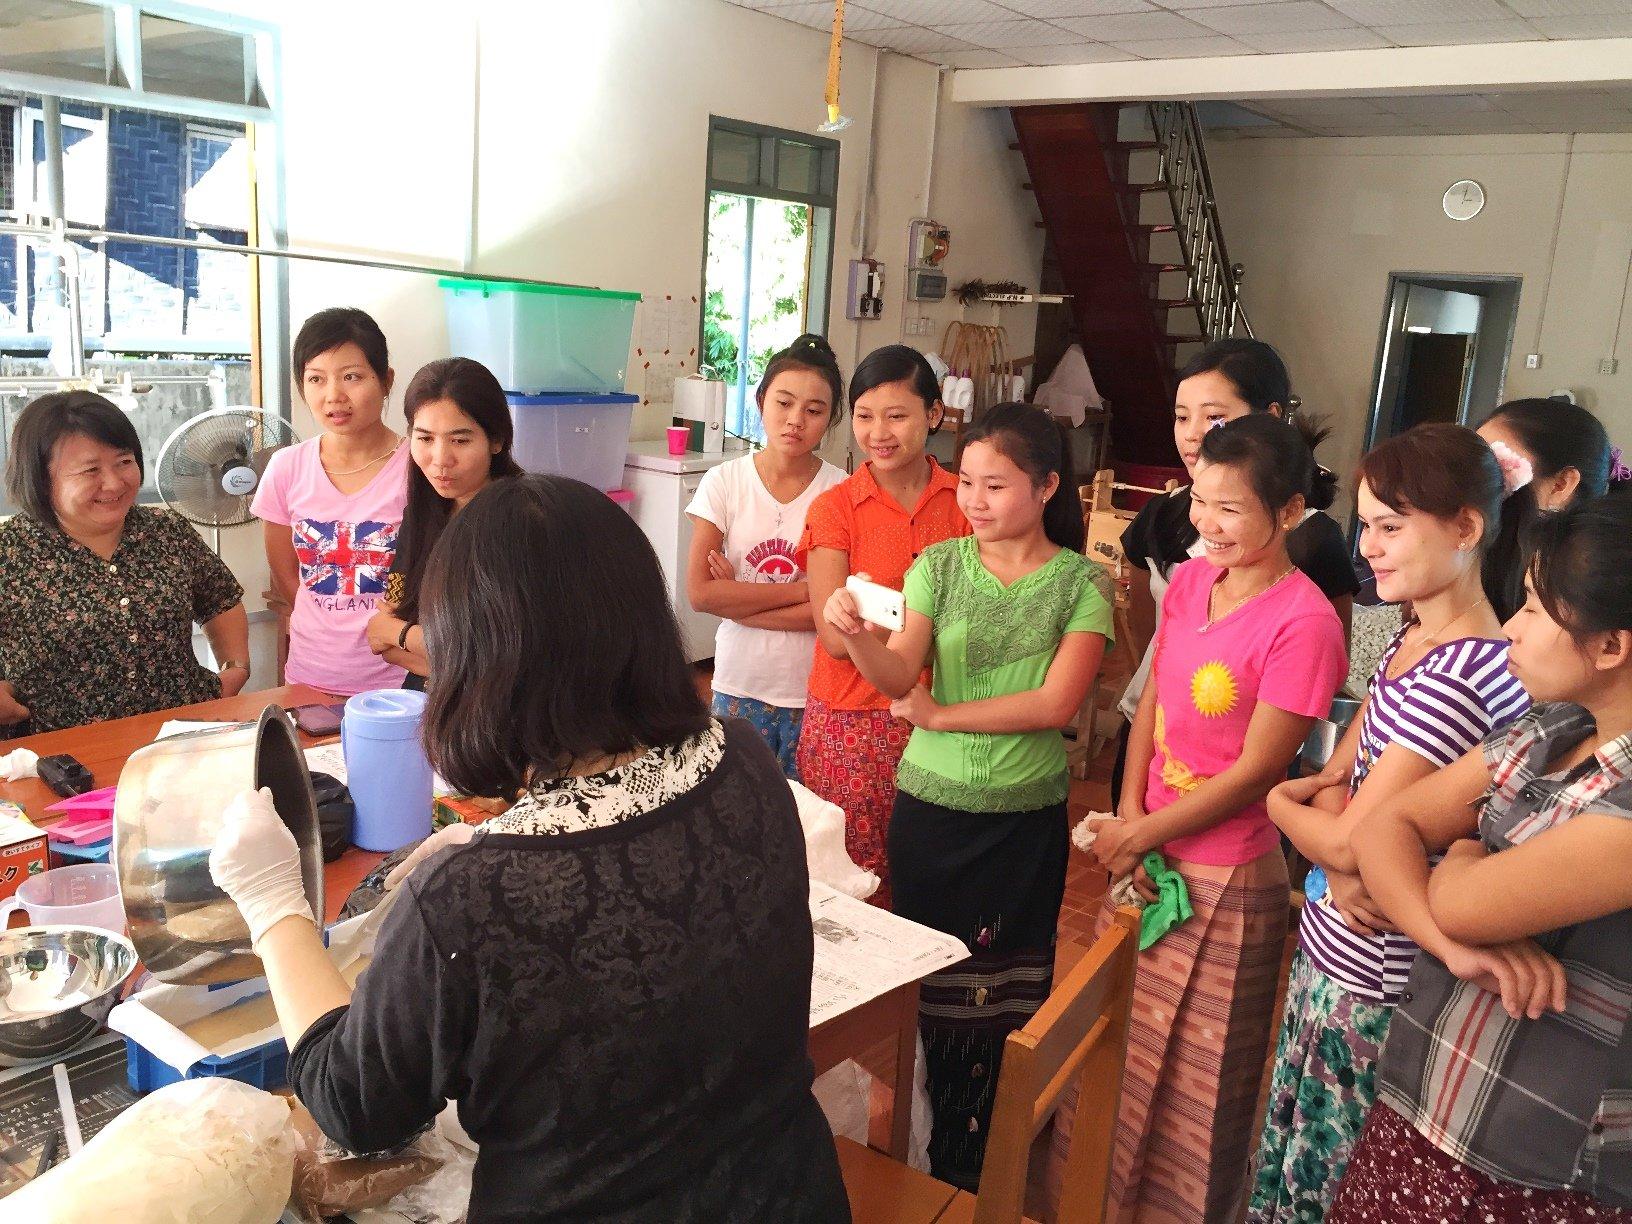 募金|ミャンマー|女性の就労支援のお願い|3000円のイメージその2